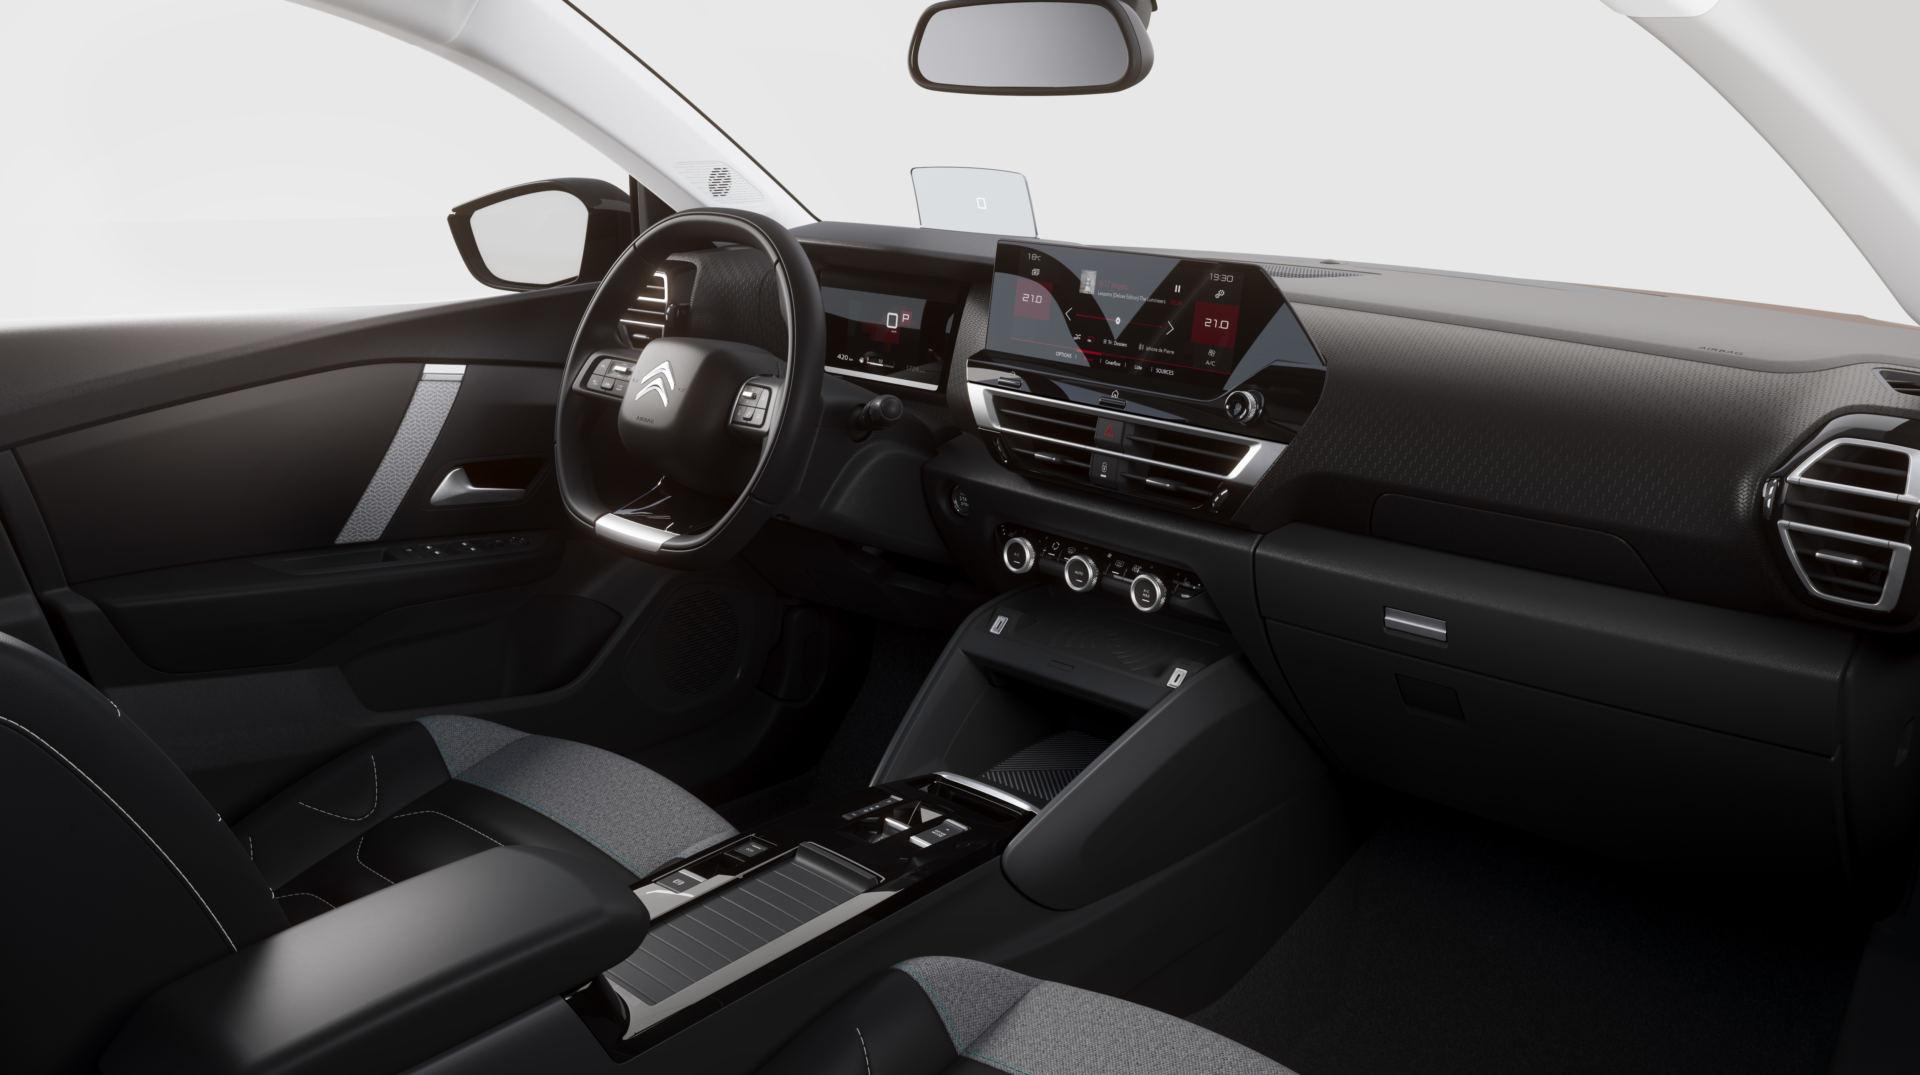 Dans un mélange de simplicité et de sophistication technologique, la cabine est également toute neuve, avec des sièges plus confortables et un écran central de 10 pouces